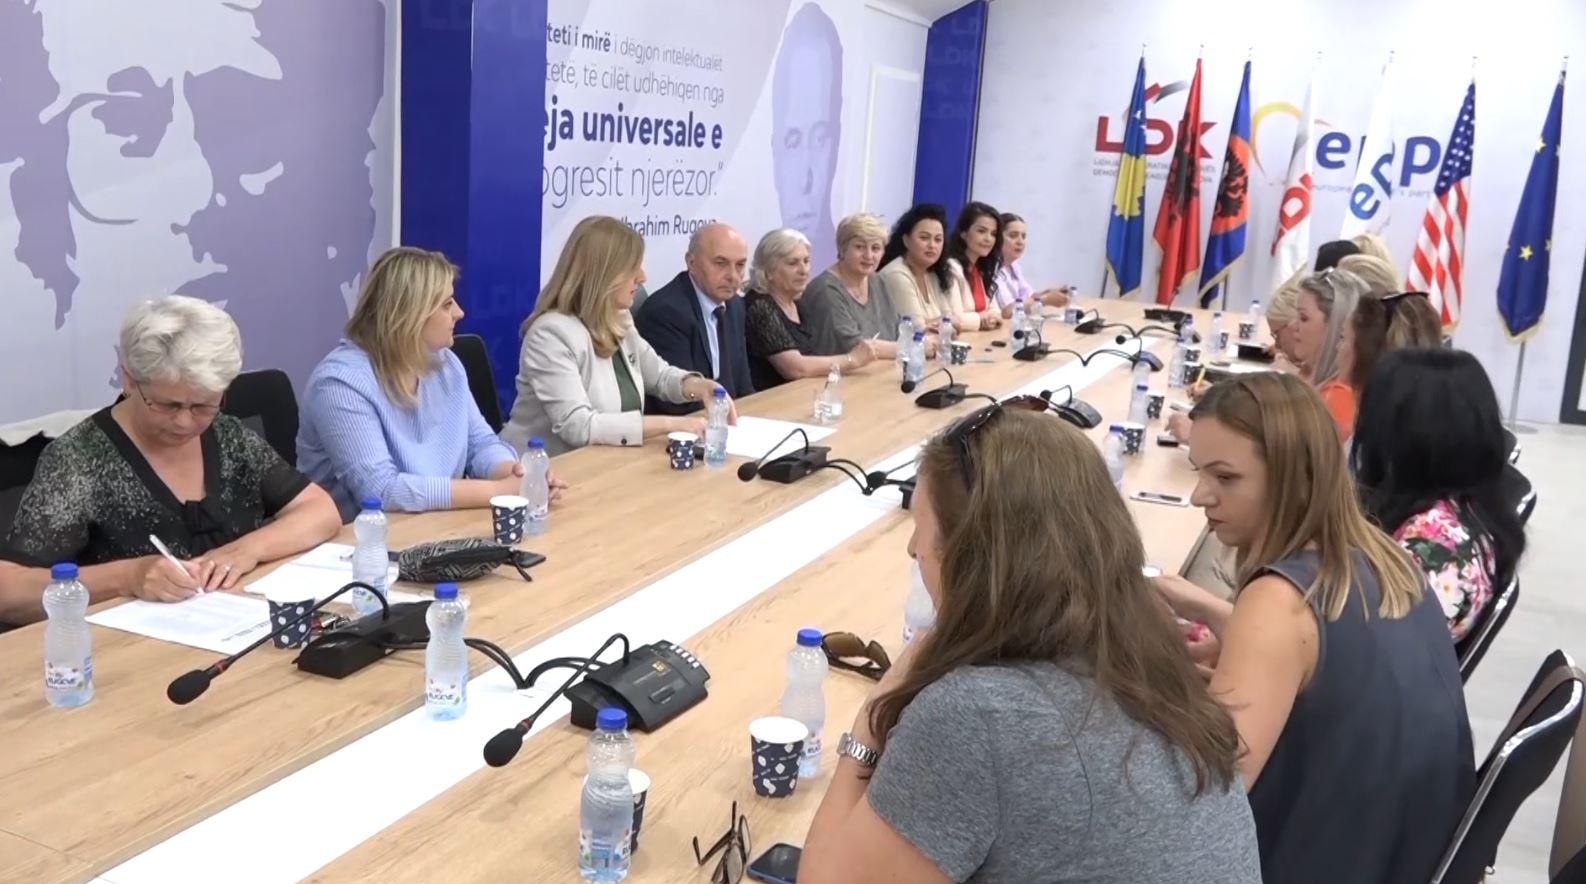 Në mesnatë skadon afati për regjistrimin e koalicioneve parazgjedhore në Kosovë